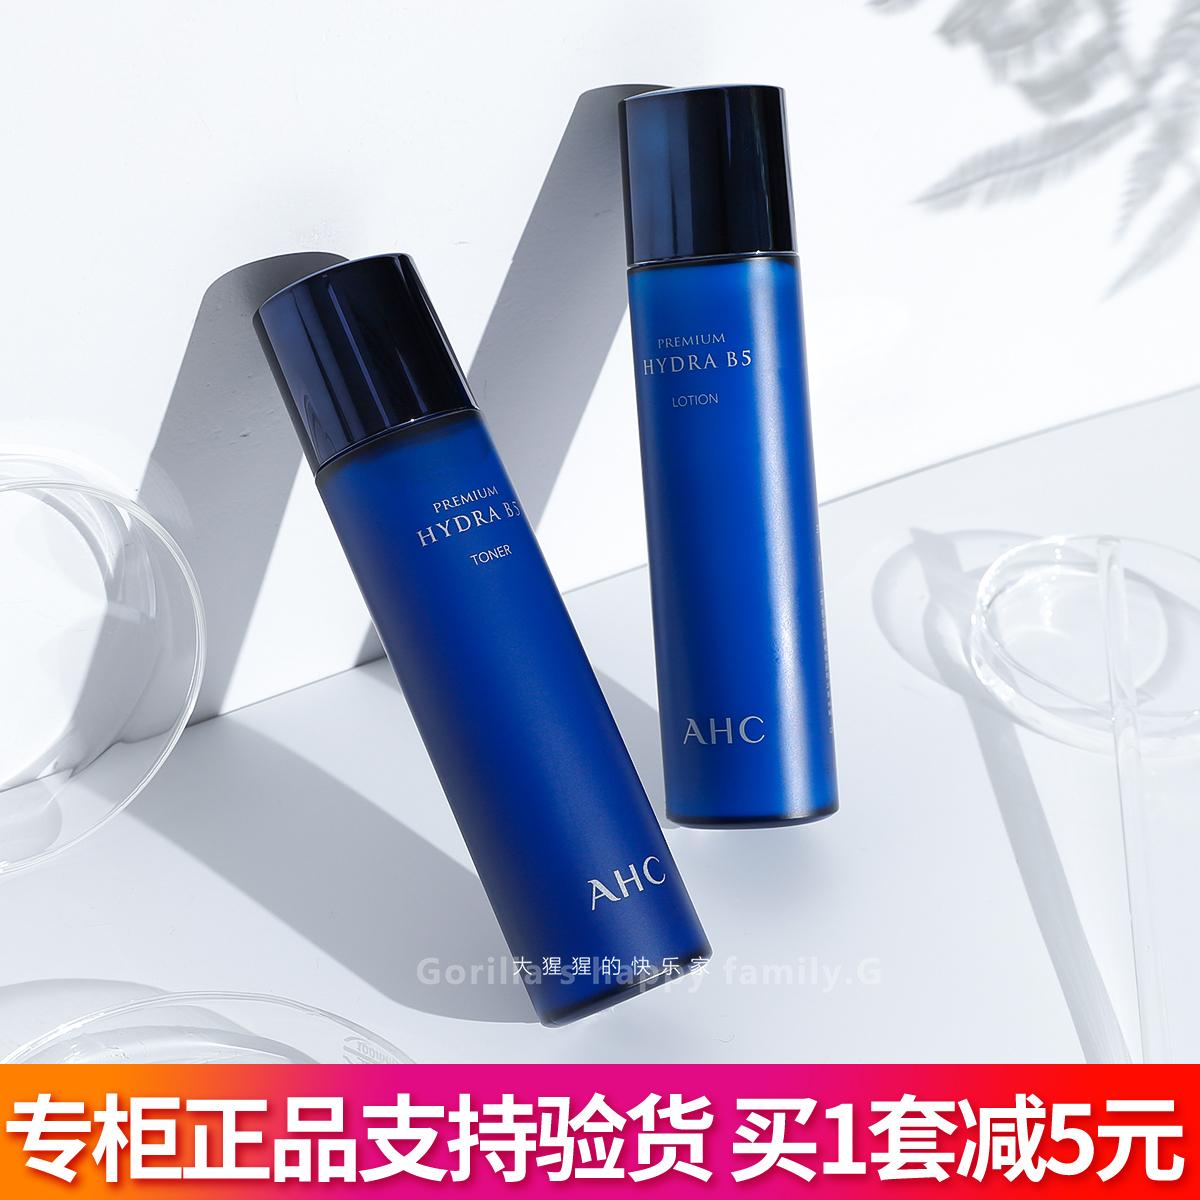 韩国正品AHC 玻尿酸B5水乳爽肤水乳液套装蓝色保湿补水套装孕妇